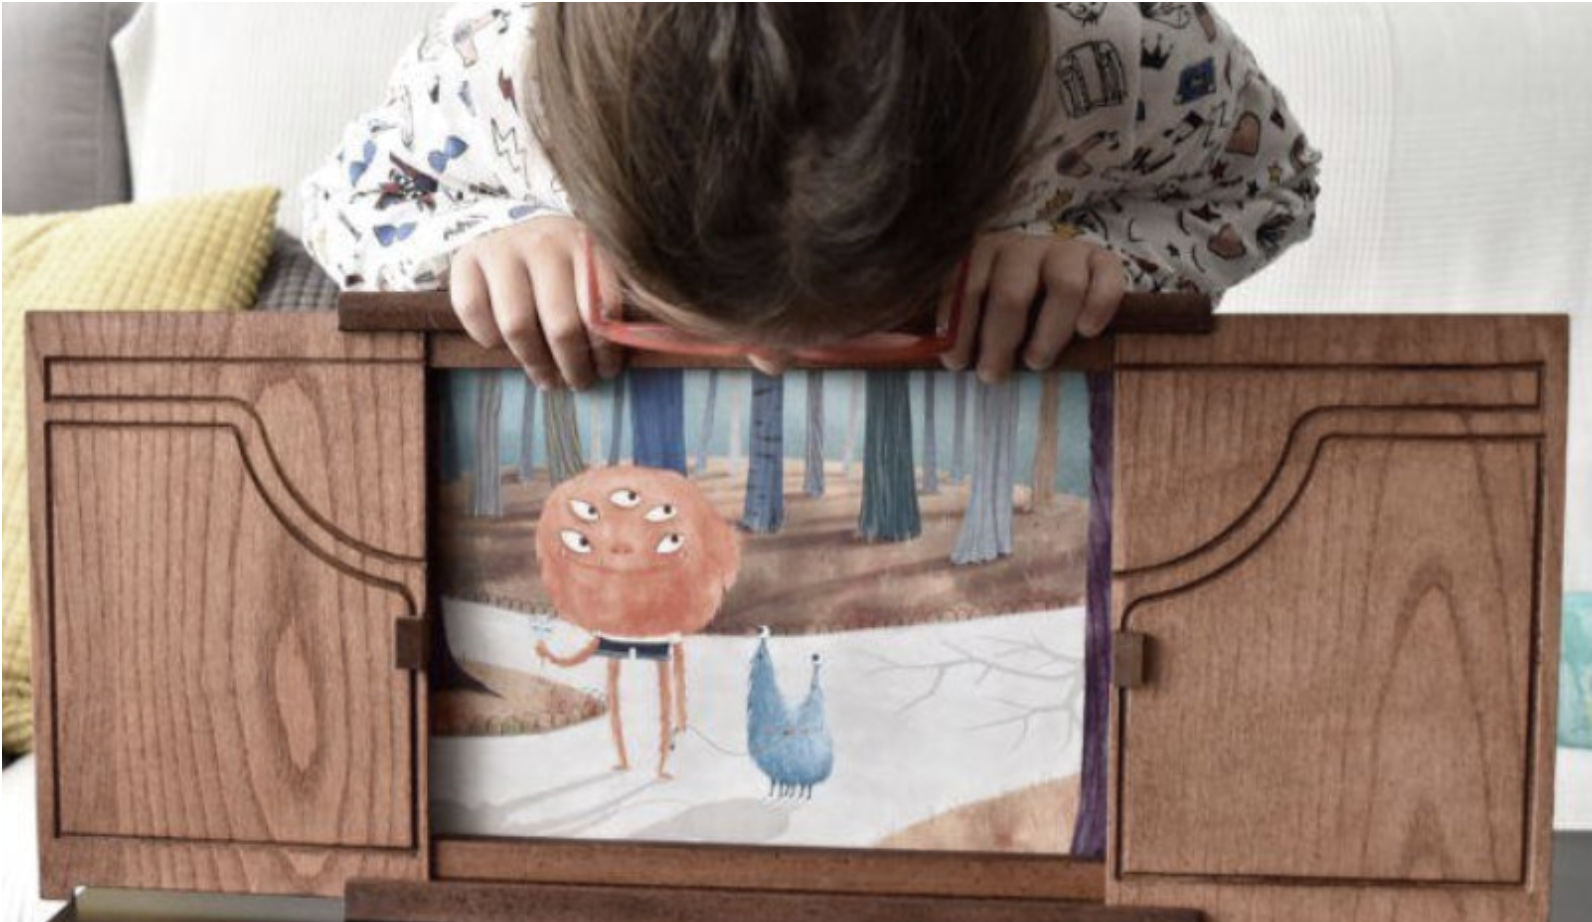 Sabato 30 Novembre – KAMISHIBAI – Corso di Formazione per lettura animate per bambini 0-4 anni – IL MELOGRANO Gallarate